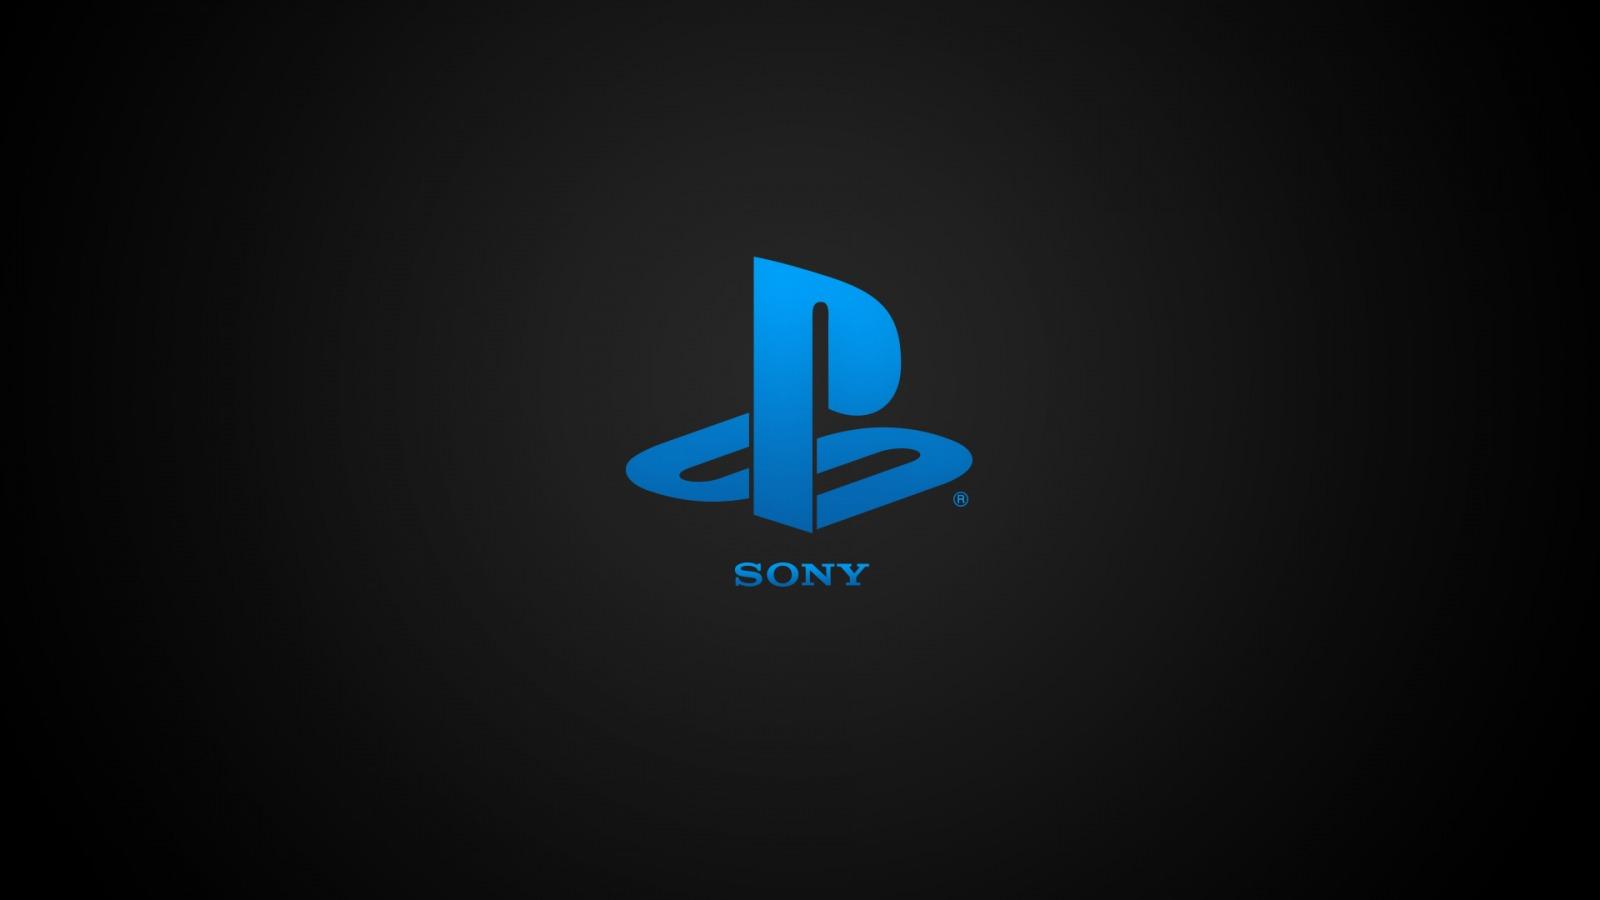 La consola PlayStation 4 de Sony